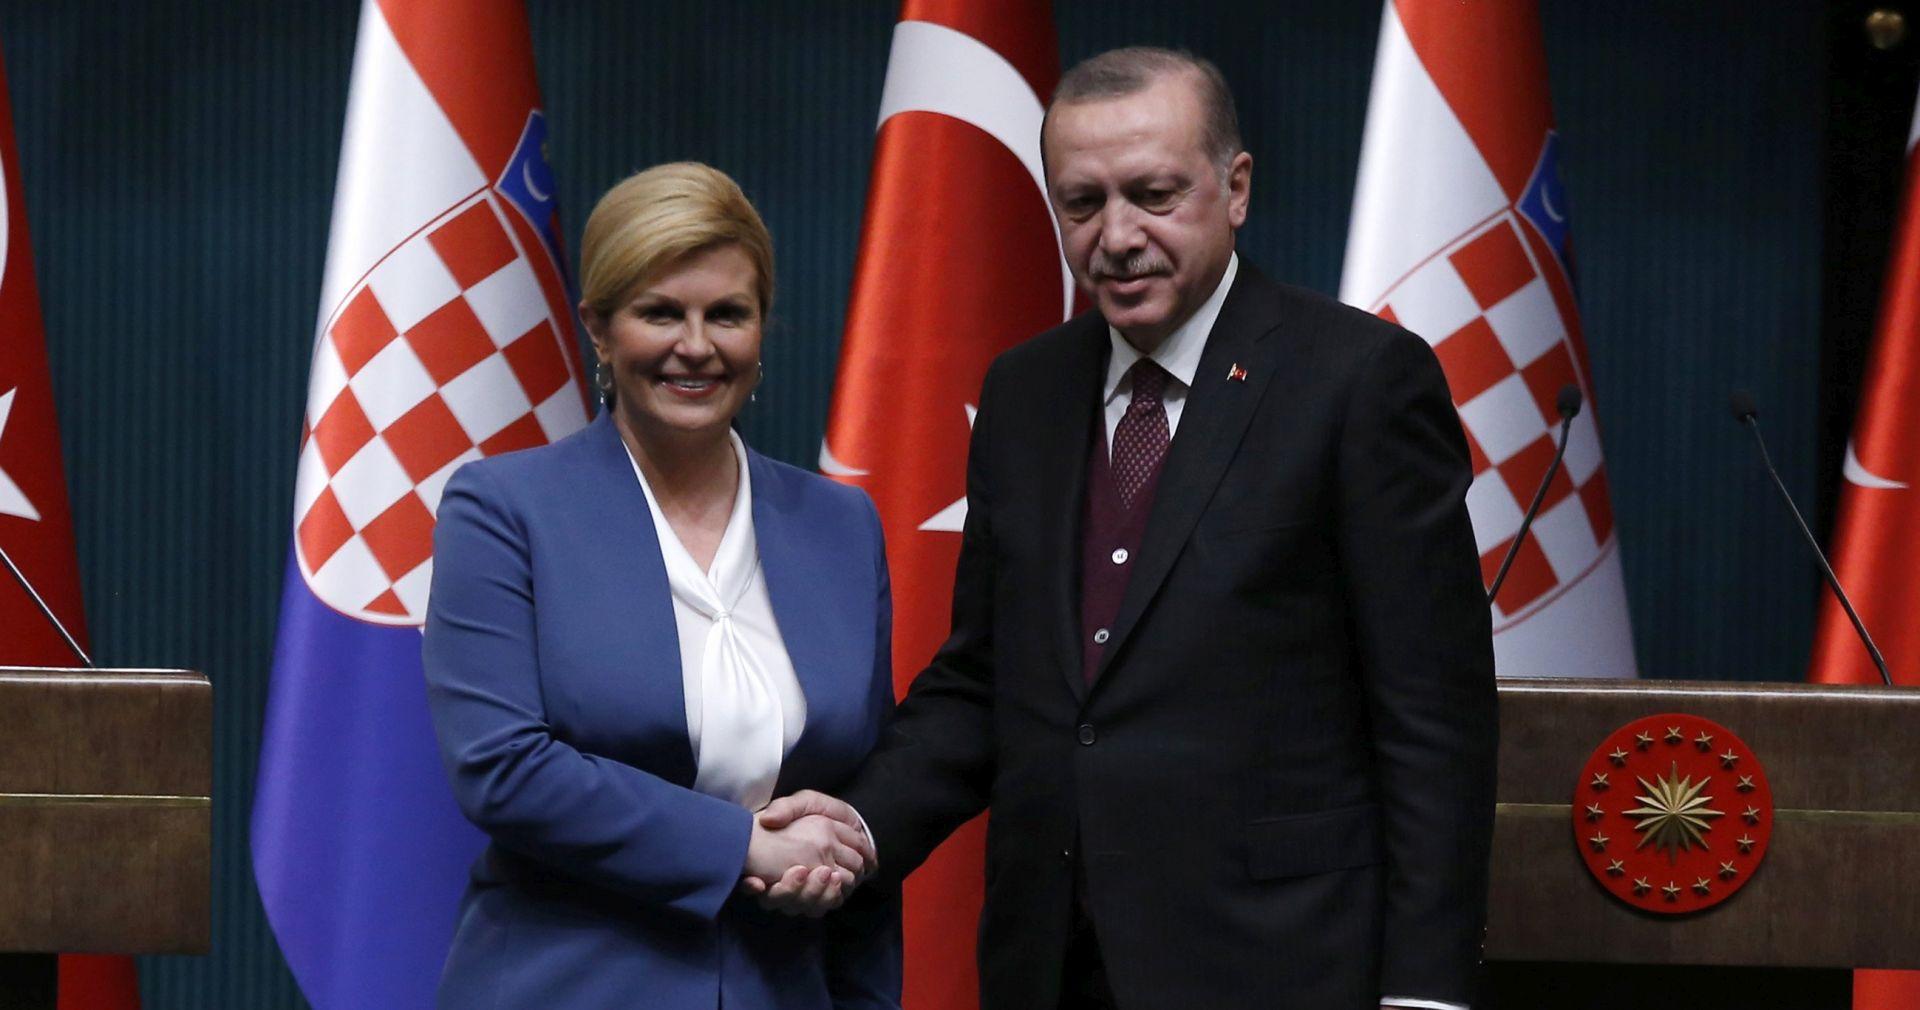 Predsjednica čestitala Erdoganu pobjedu na izborima